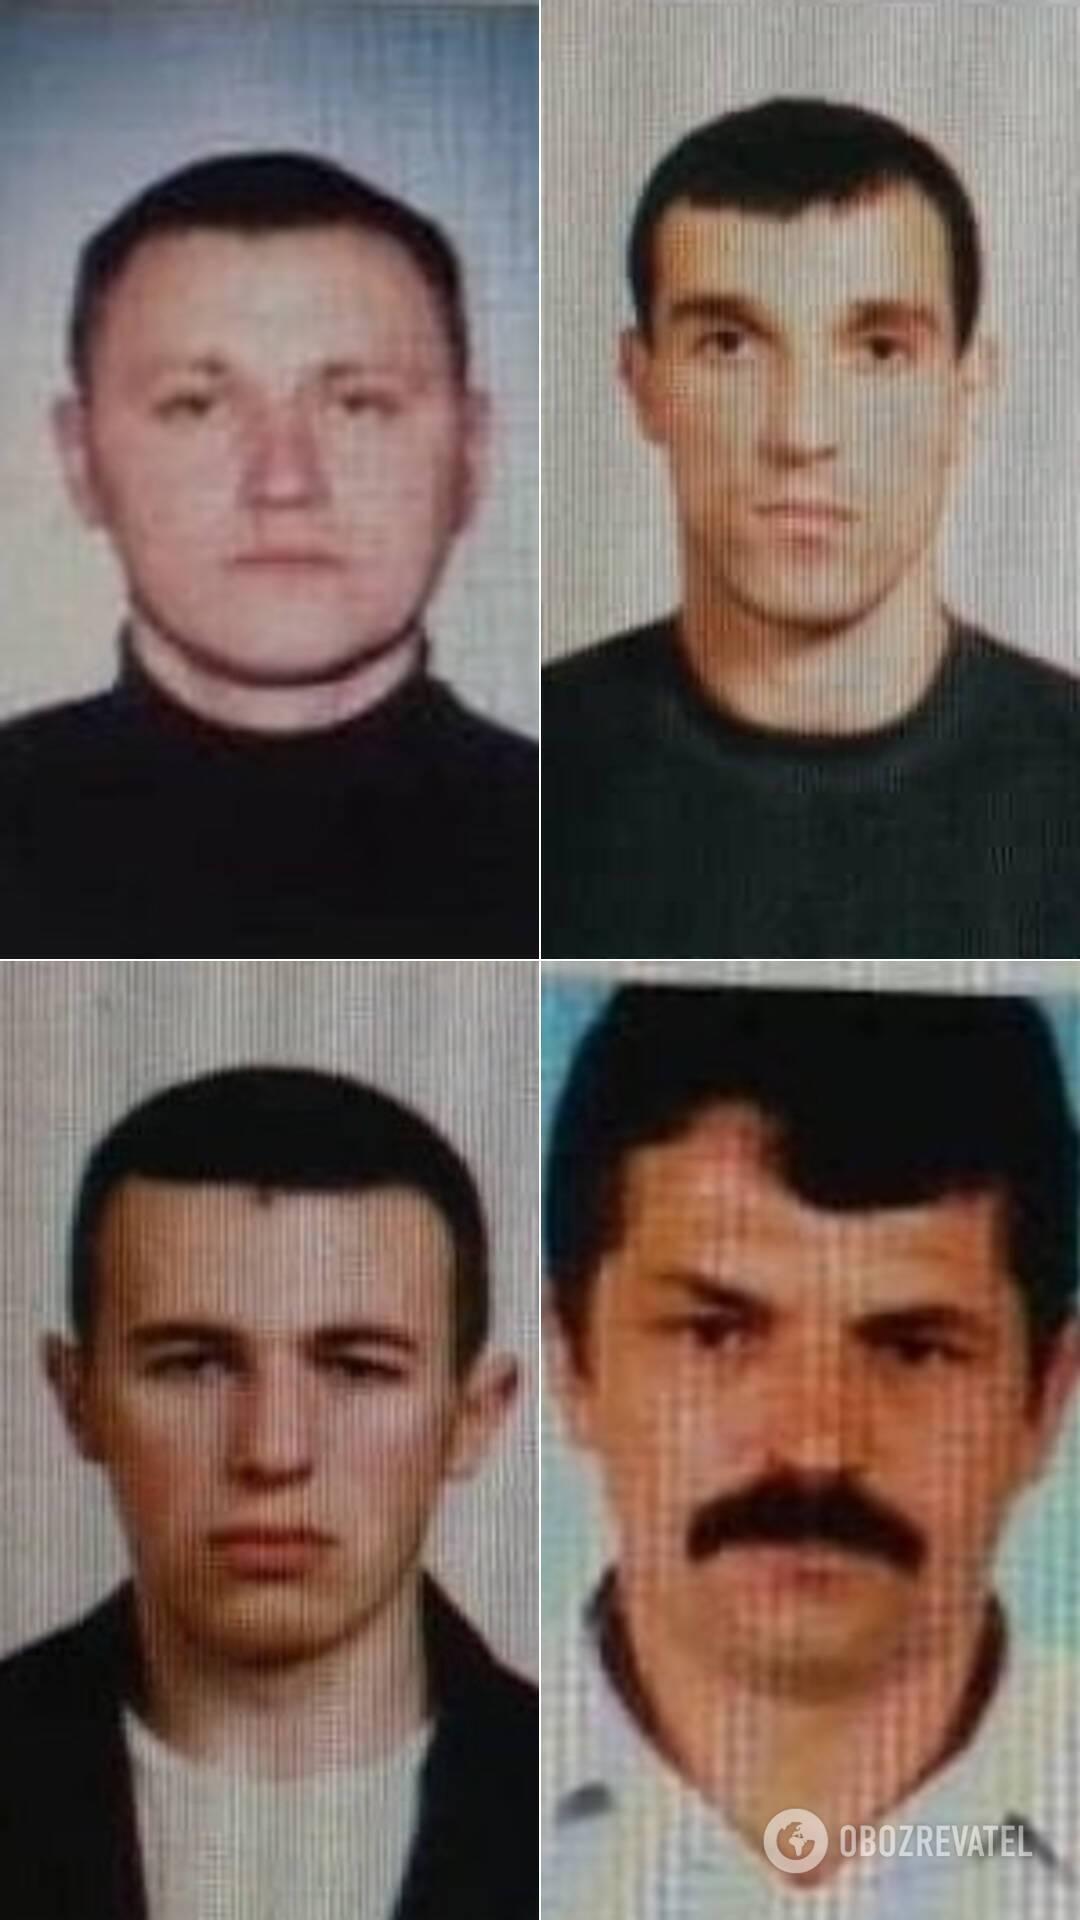 Члены банды Кривоша: Кревский, Смолий, Иванюк и Бугай